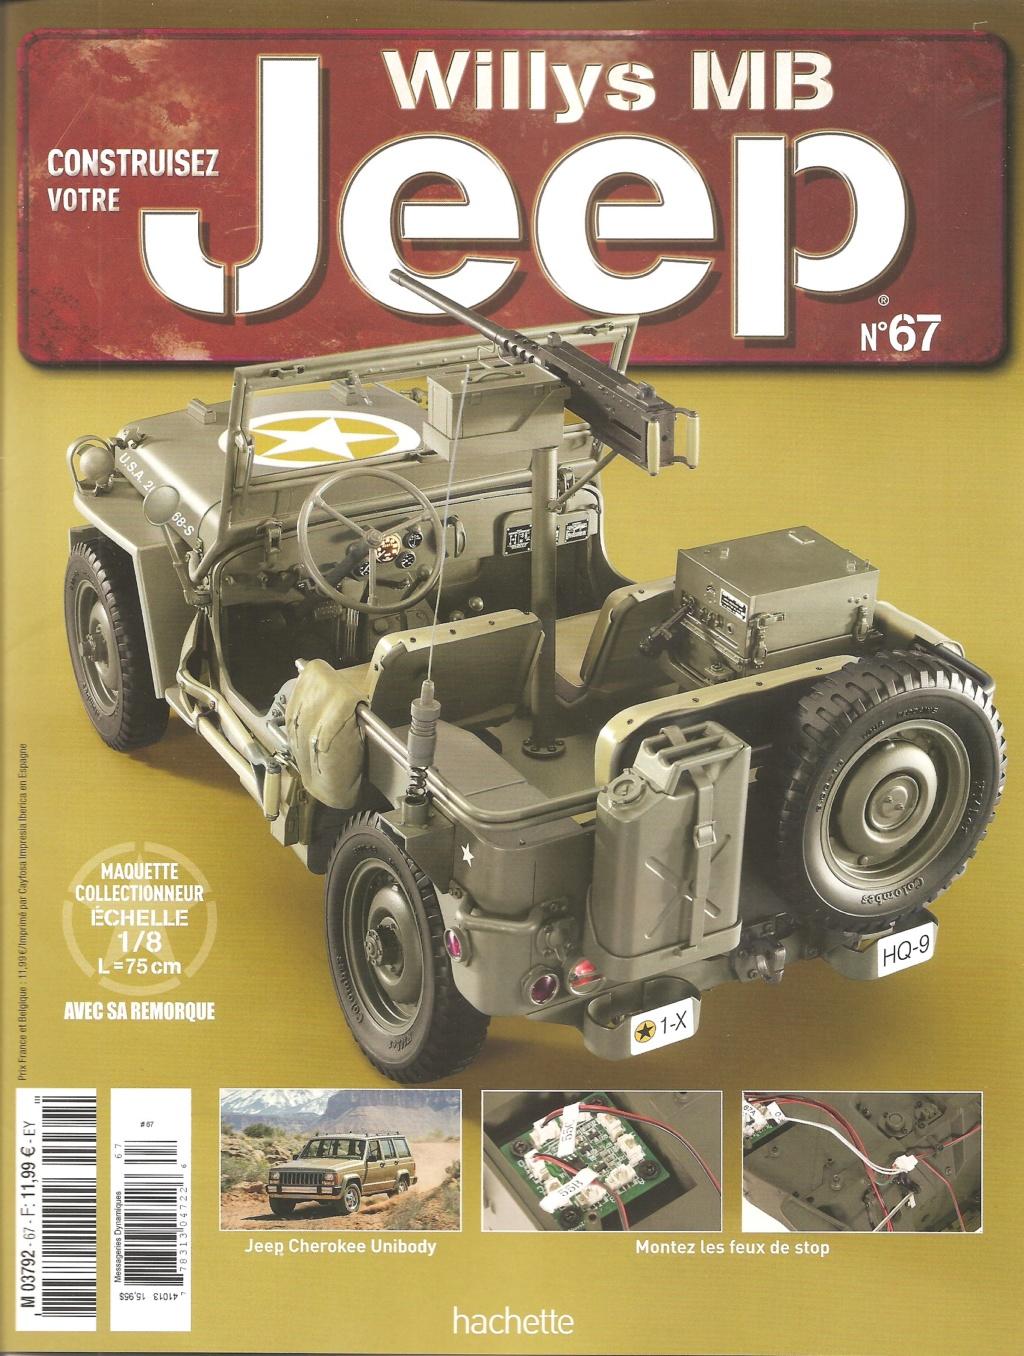 Jeep Willis Hachette au 1/8 [partie I] - Page 21 N67_pa10